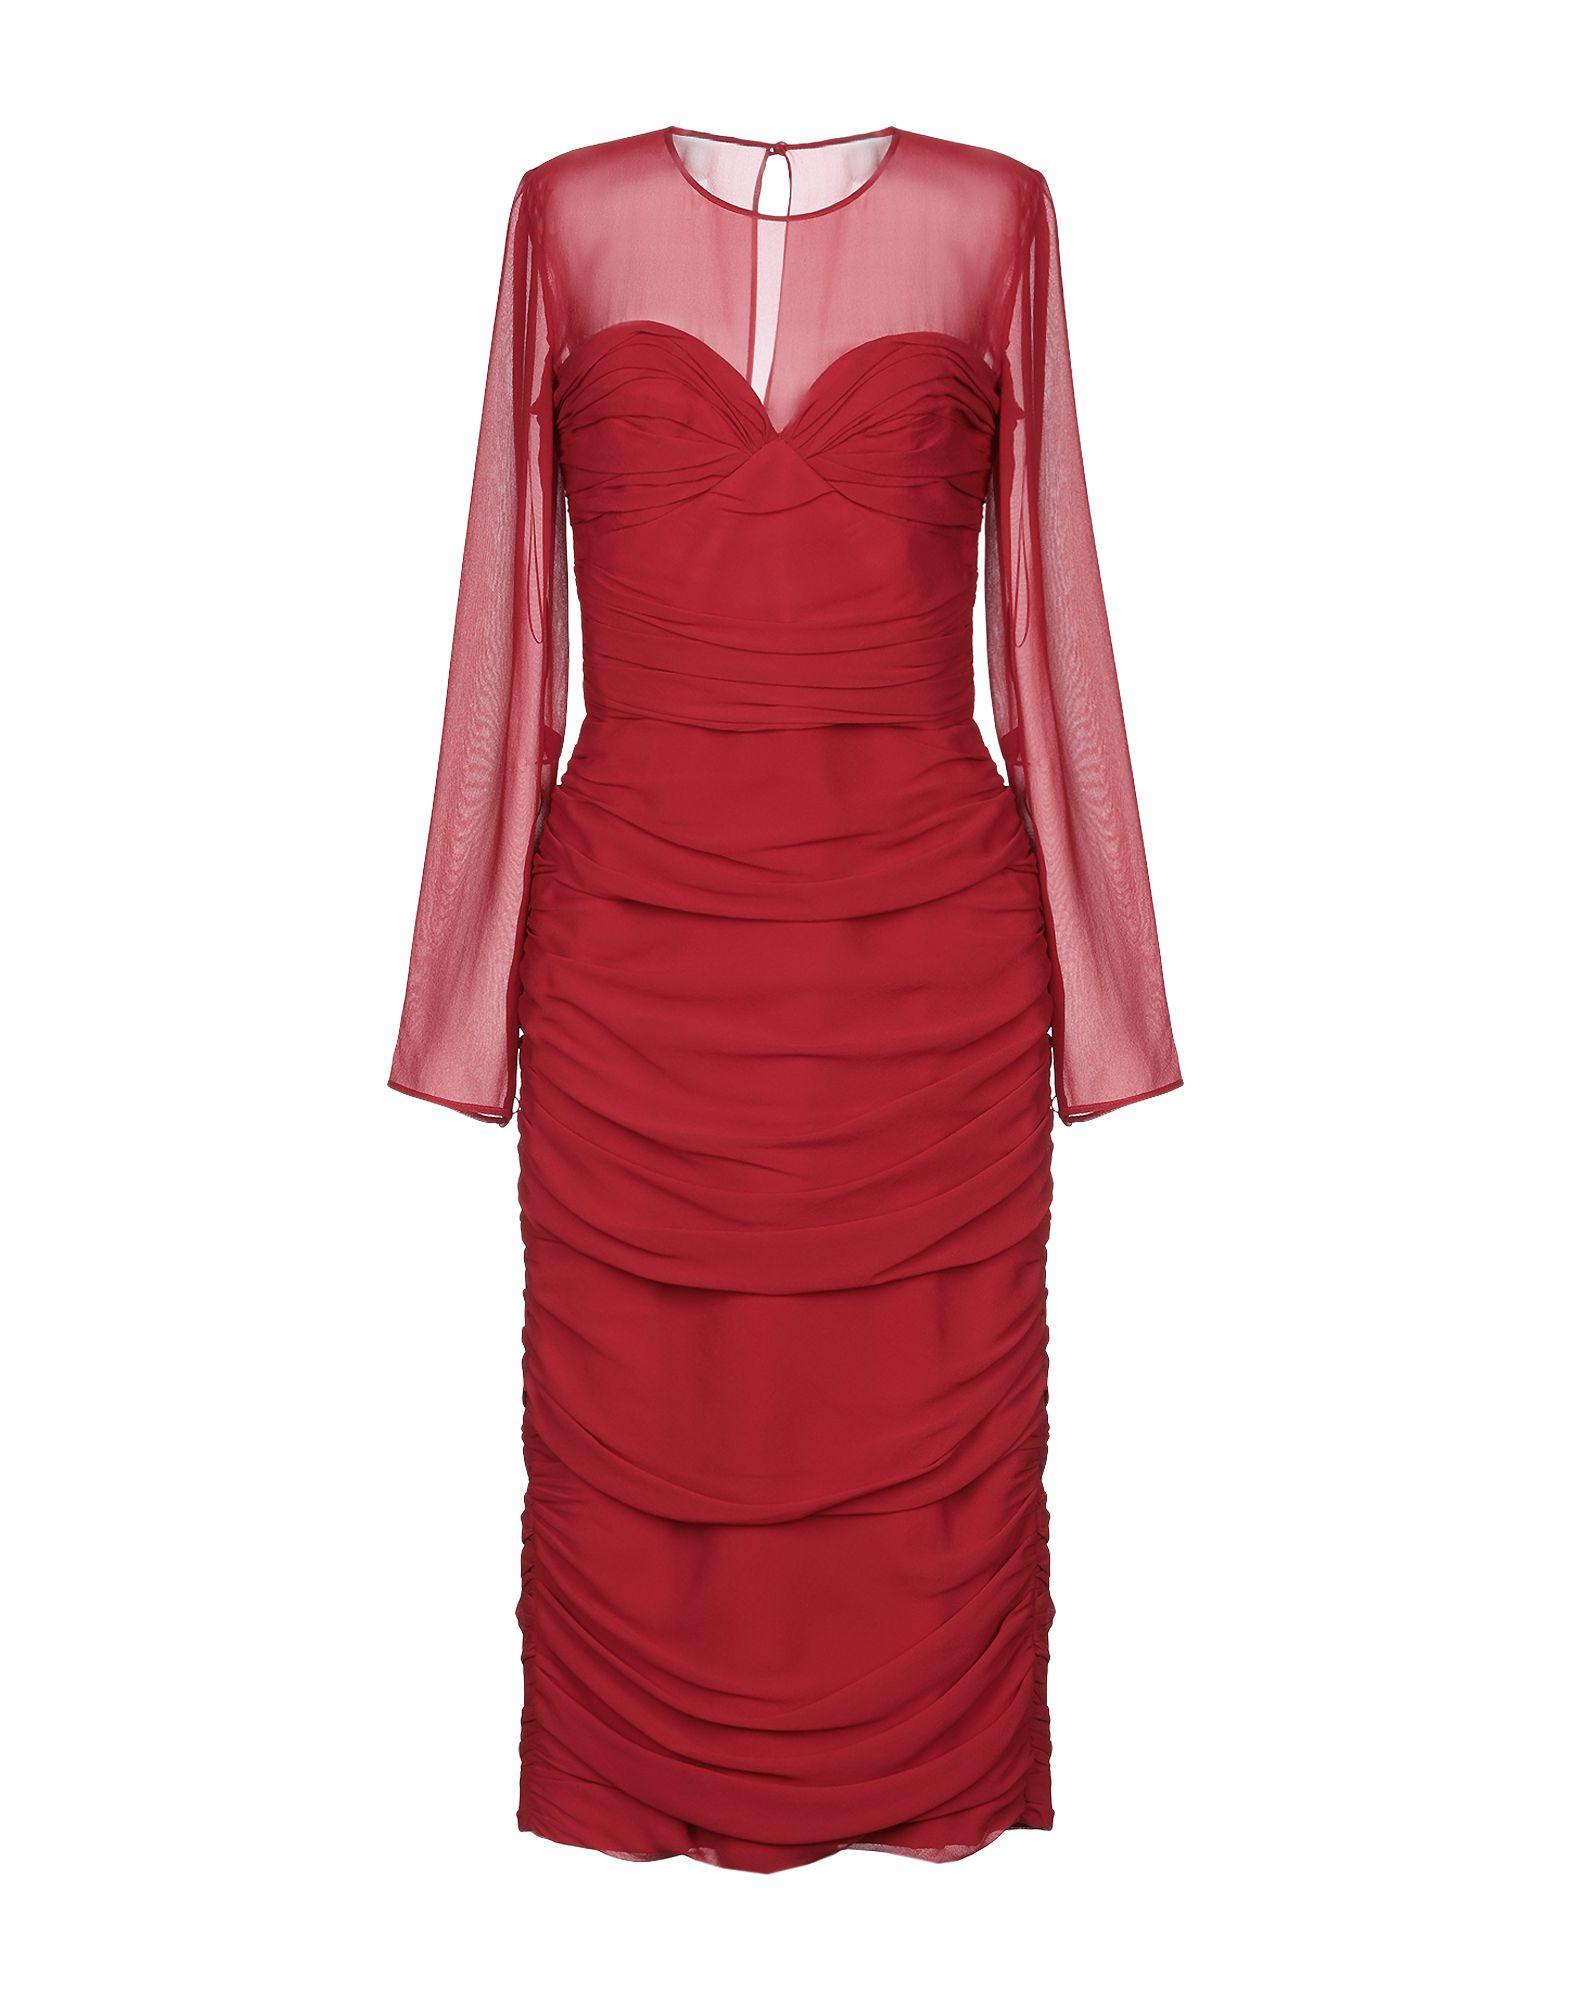 MAX MARA Платье длиной 3/4 max mara юбка длиной 3 4